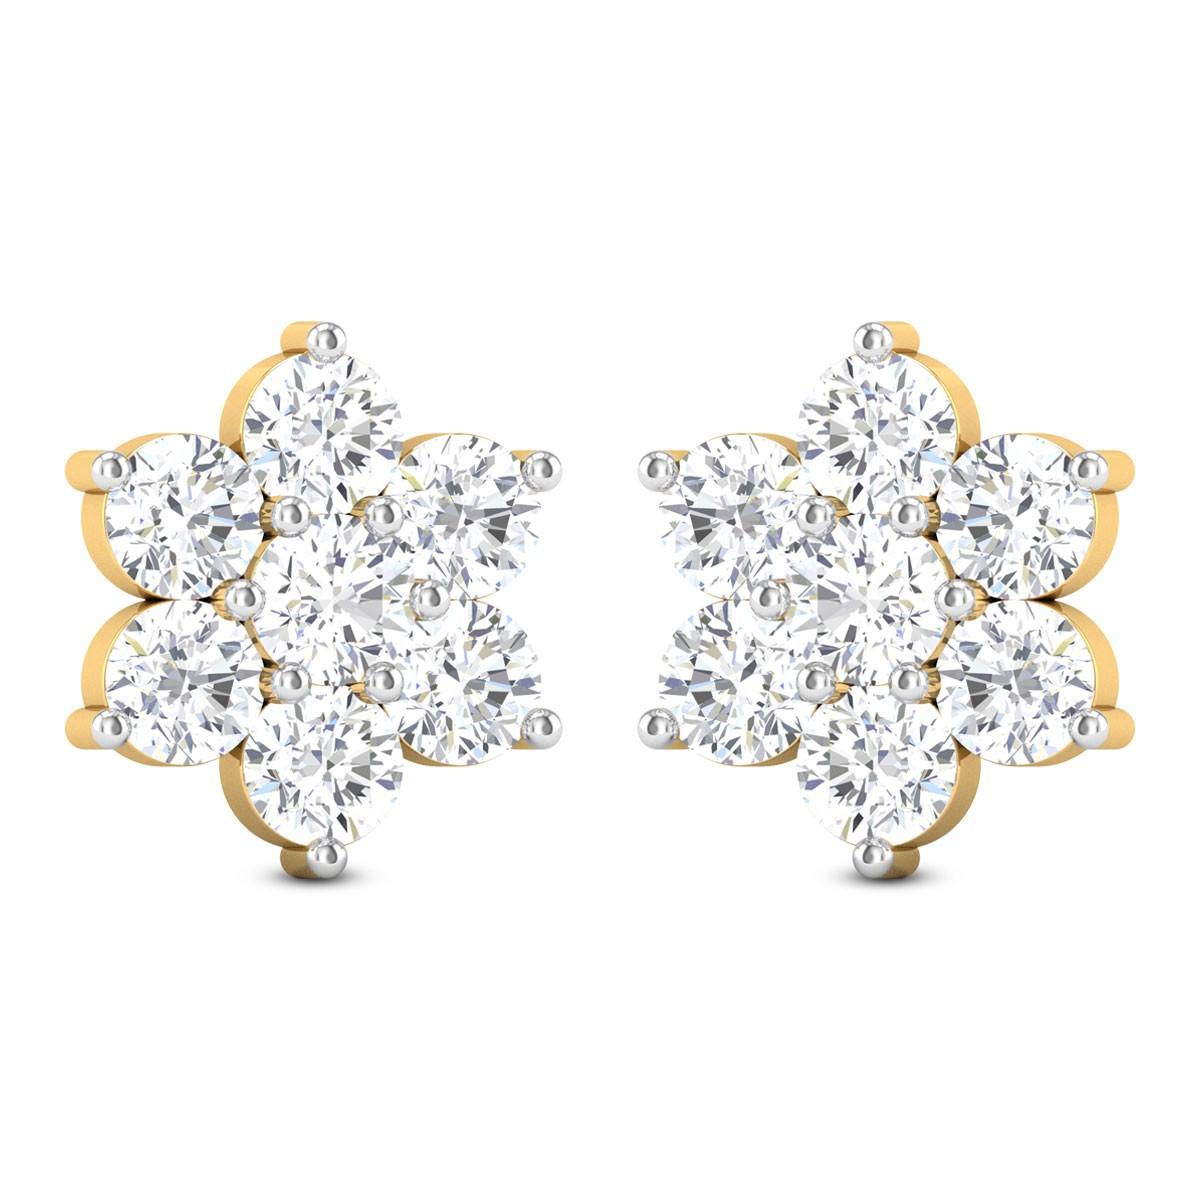 Yudhvir 7 Stone Solitaire Stud Earrings